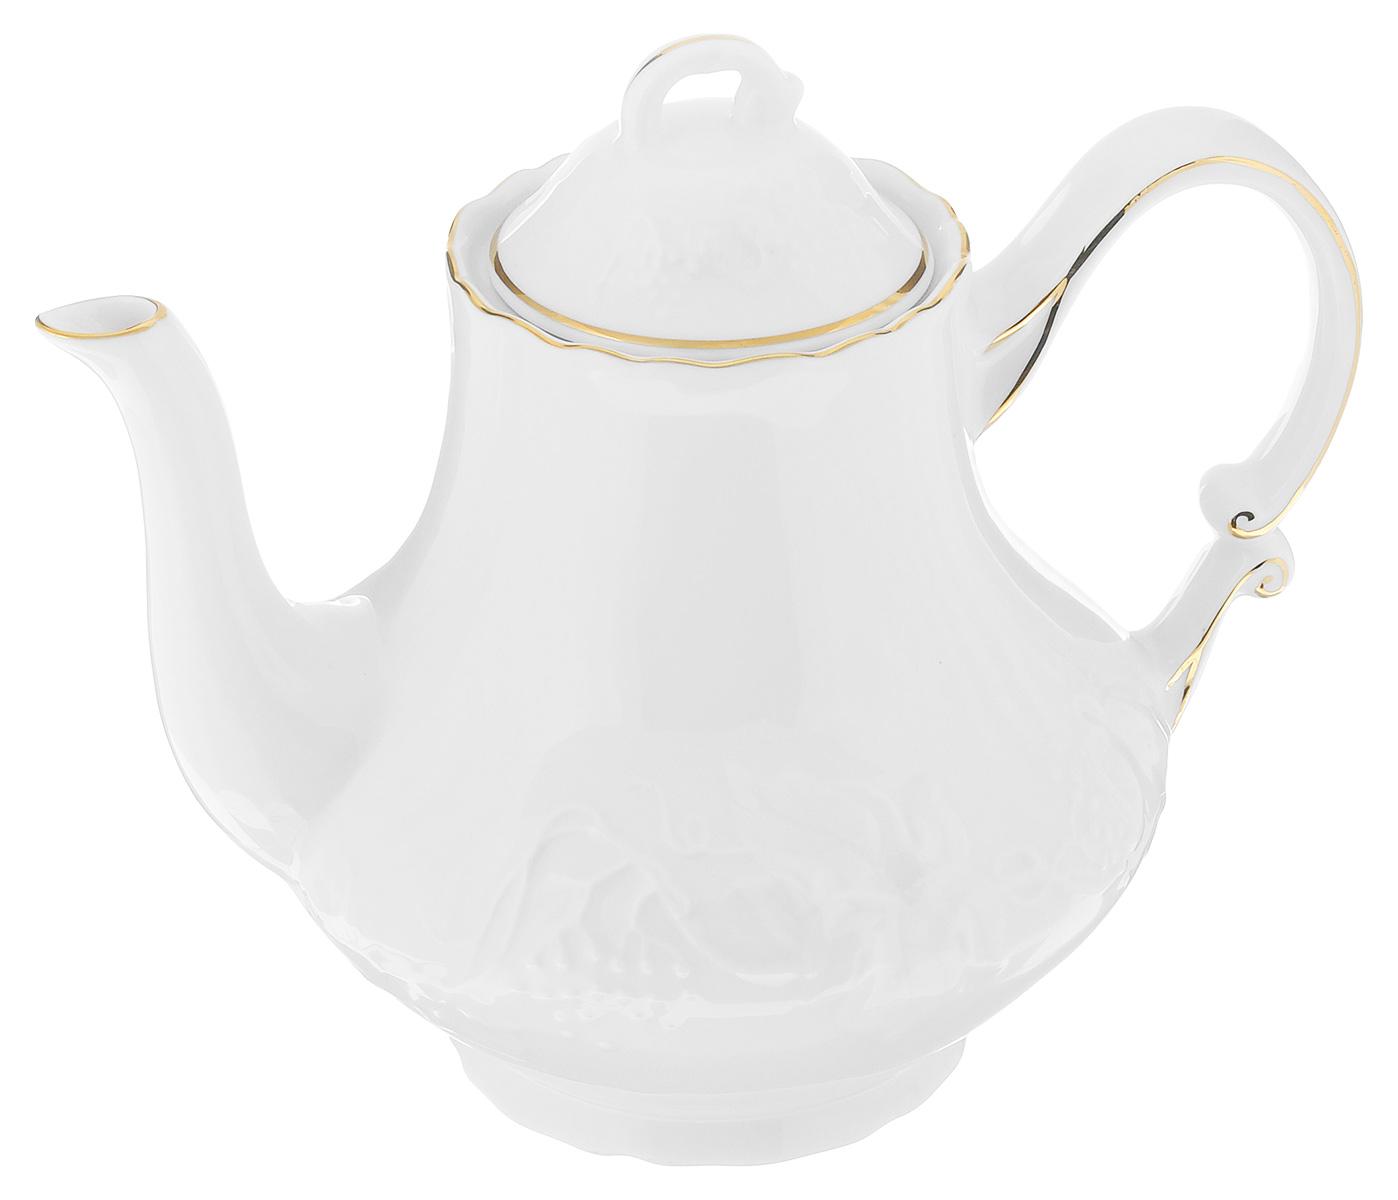 Чайник заварочный La Rose Des Sables Vendanges, цвет: белый, золотистый, 1 л6931101009Чайник заварочный La Rose Des Sables Vendanges, изготовленный из высококачественного фарфора, предназначен для красивой подачи чая. Чайник оформлен рельефным изображением цветов. Прекрасный дизайн изделия идеально подойдет для сервировки стола.Диаметр по верхнему краю: 8 см. Высота (без учета крышки): 15,5 см.